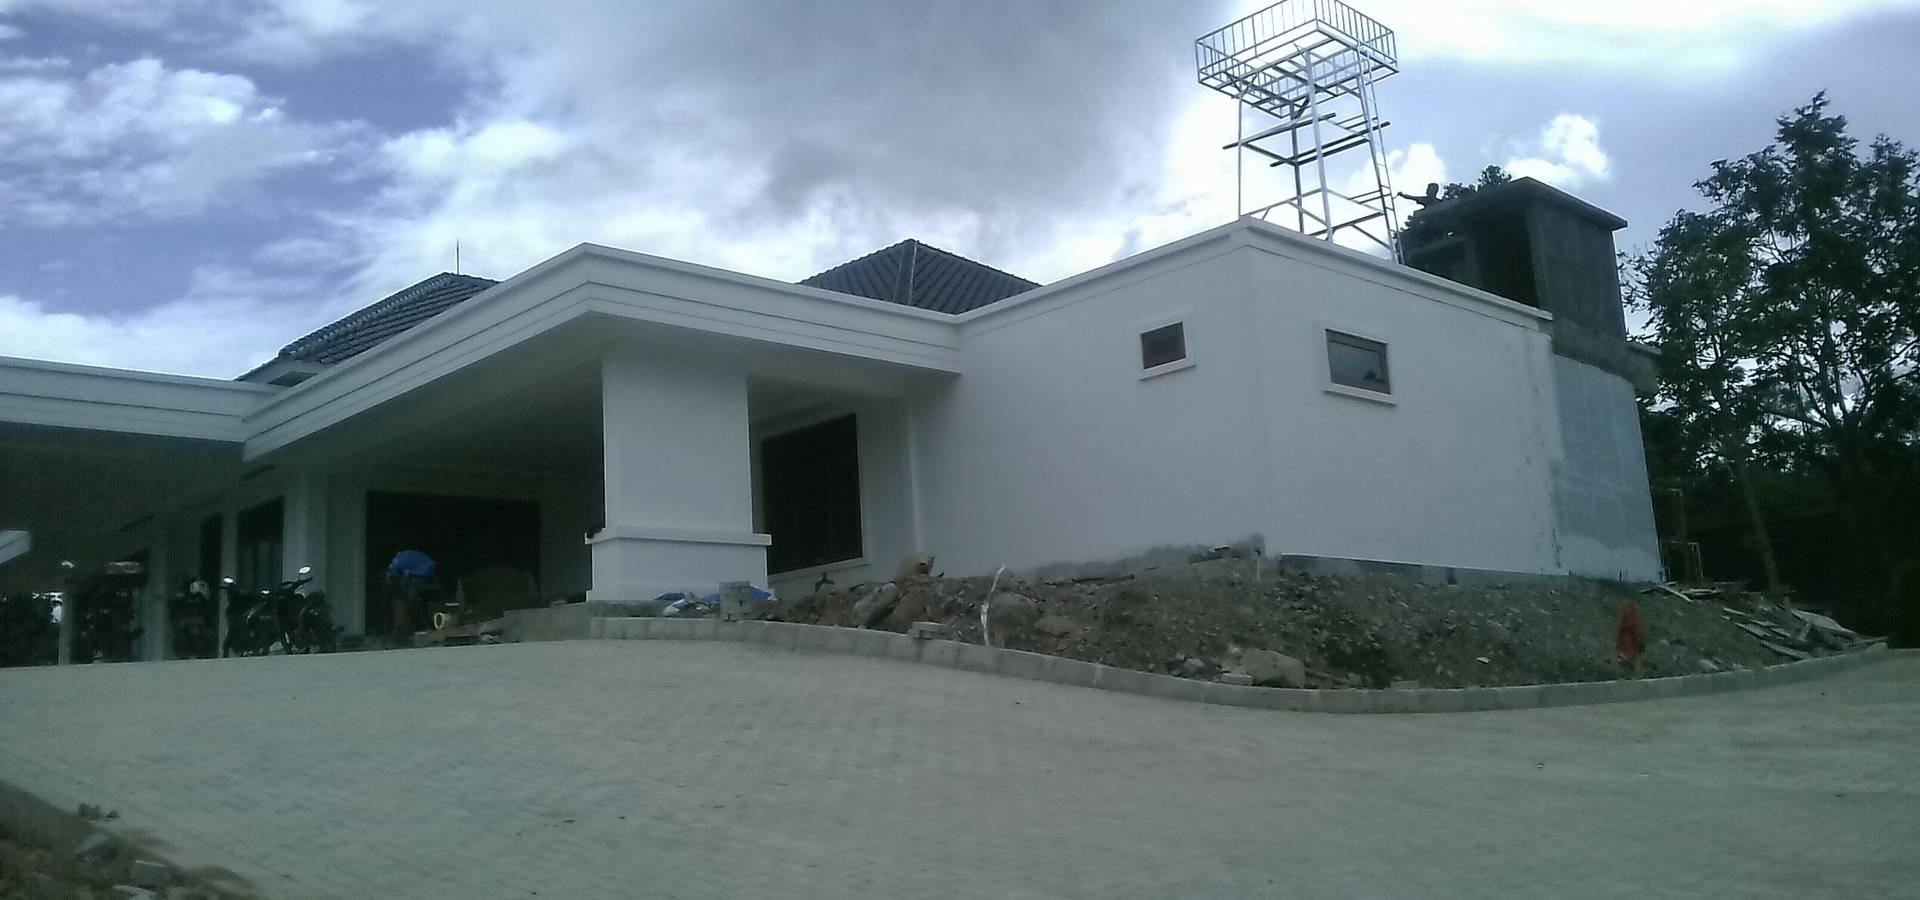 Code ArchitecTeam Studio